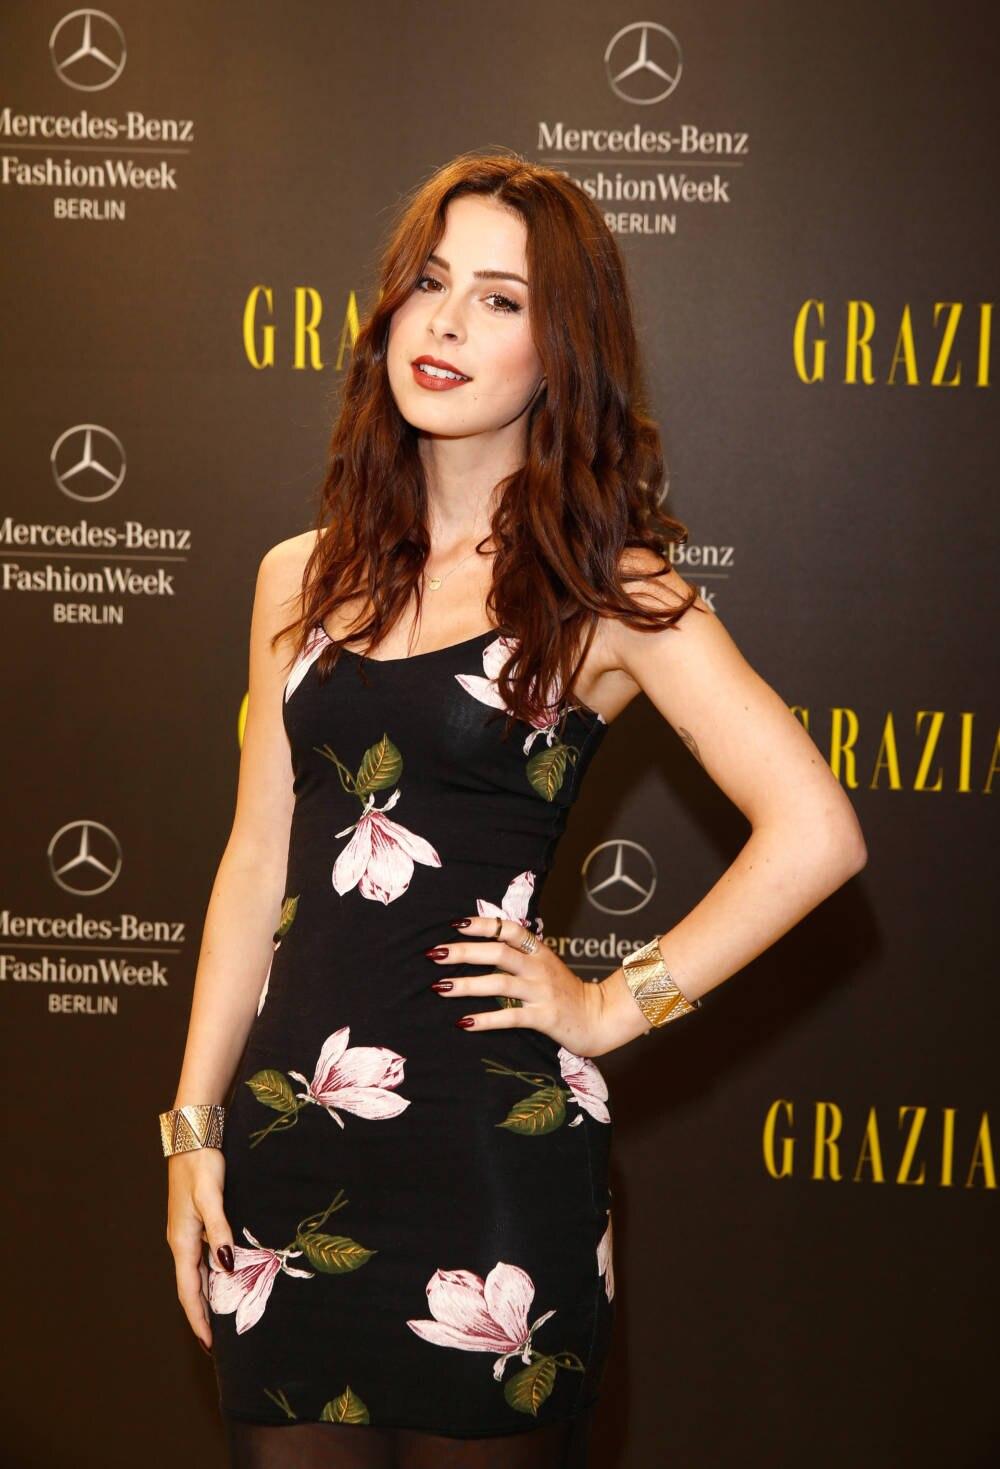 Lena auf der Fashion Week